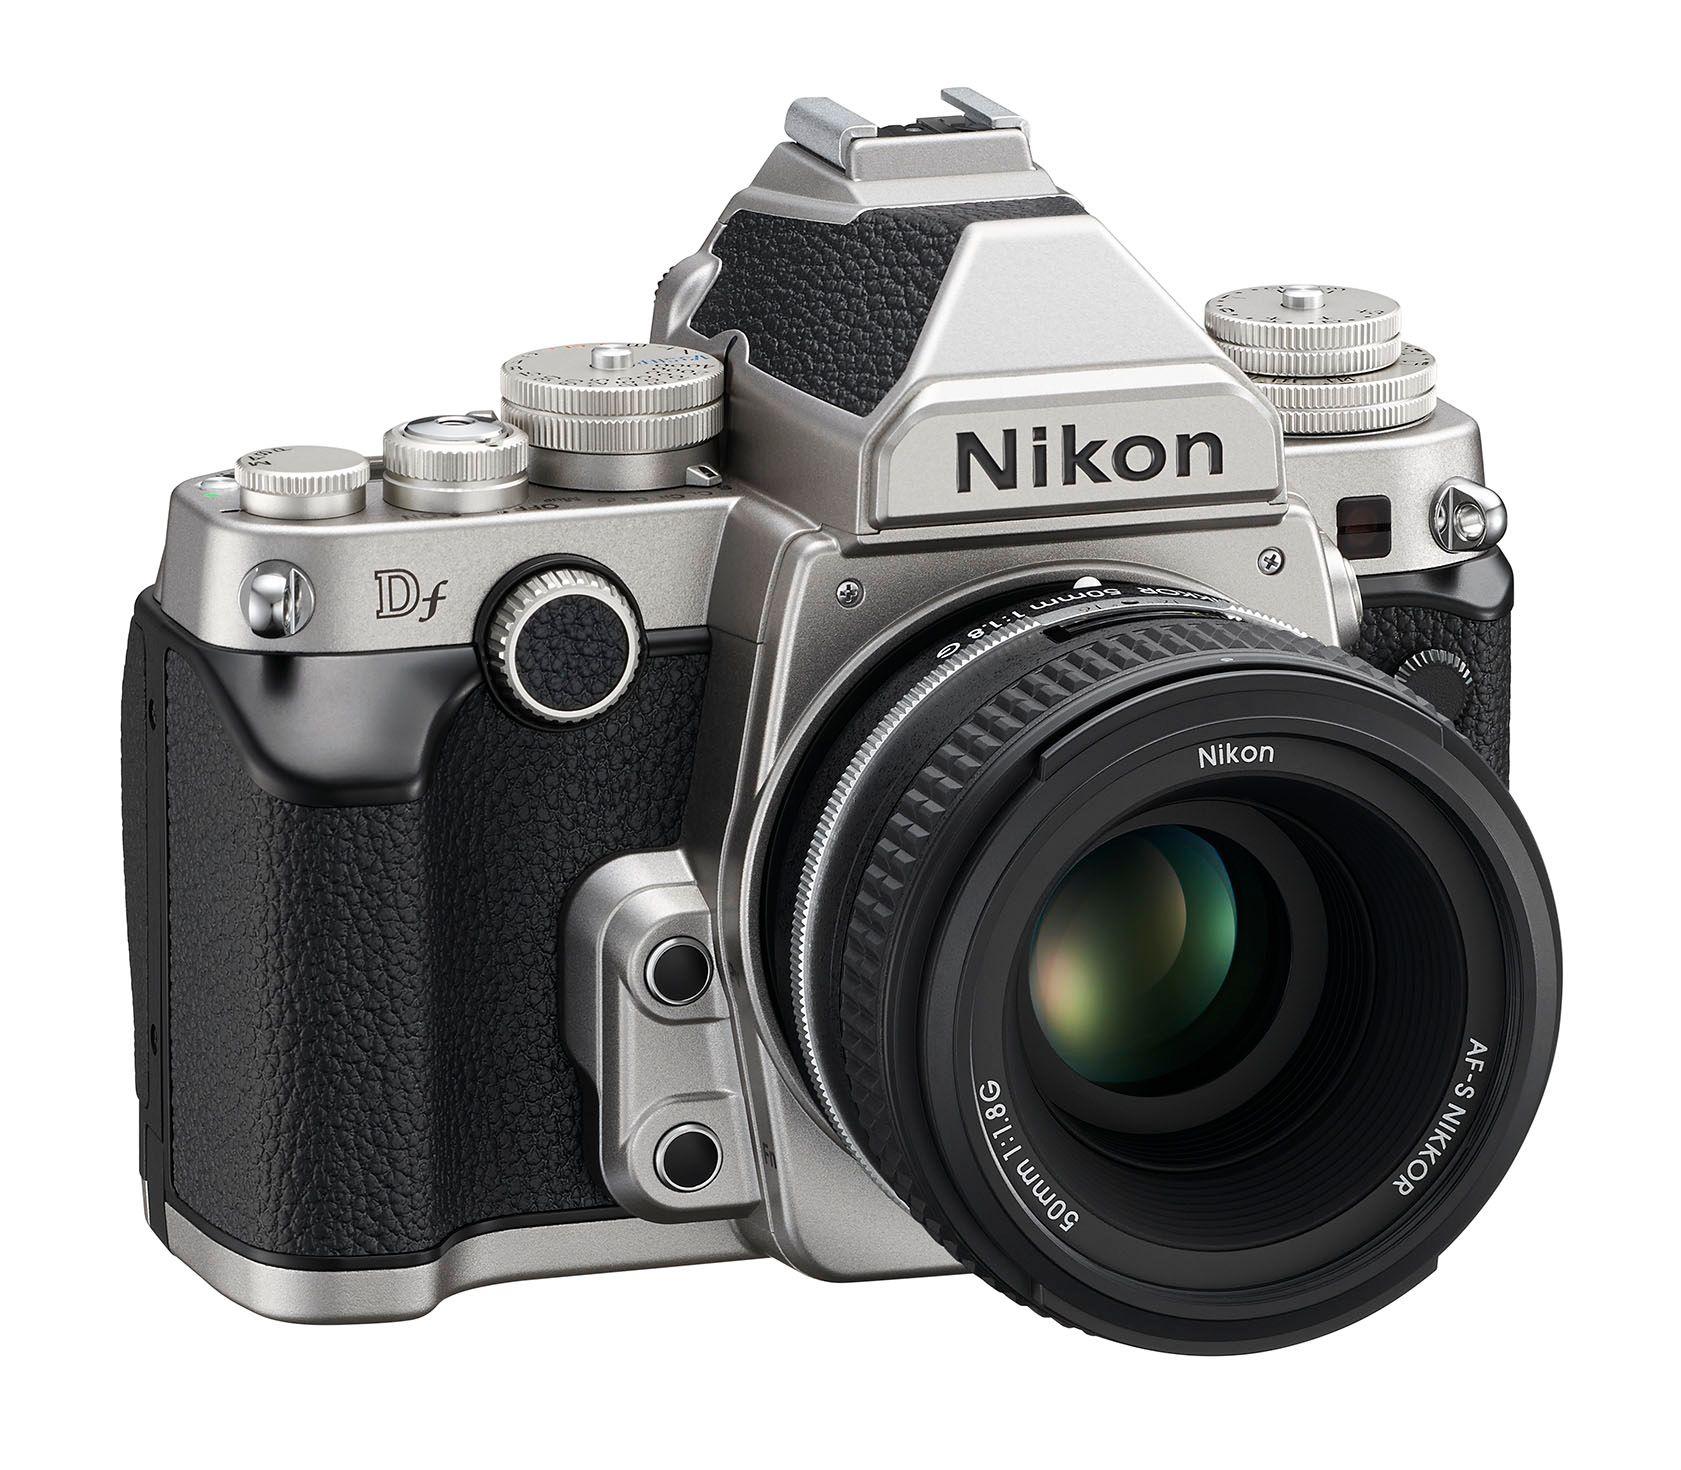 Nikon Df i sølv.Foto: Nikon